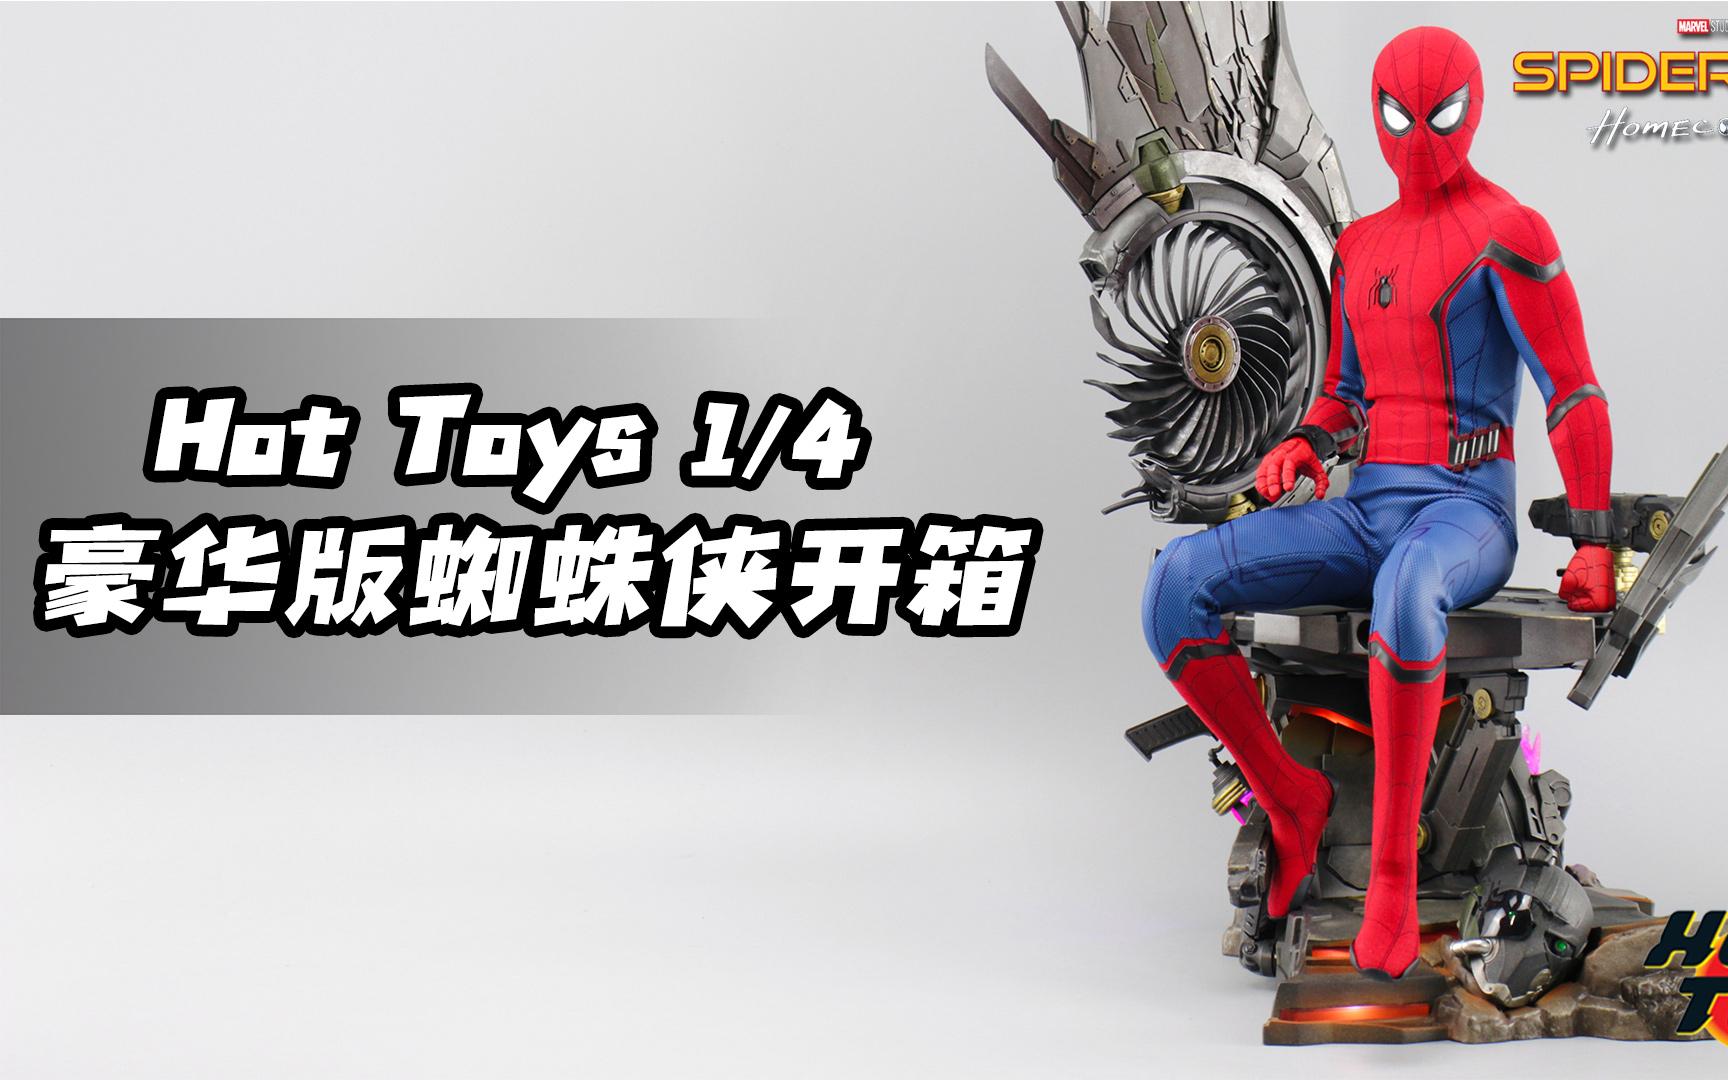 地台才是本体!Hot Toys 1/4蜘蛛侠值得买吗?【涛哥测评】